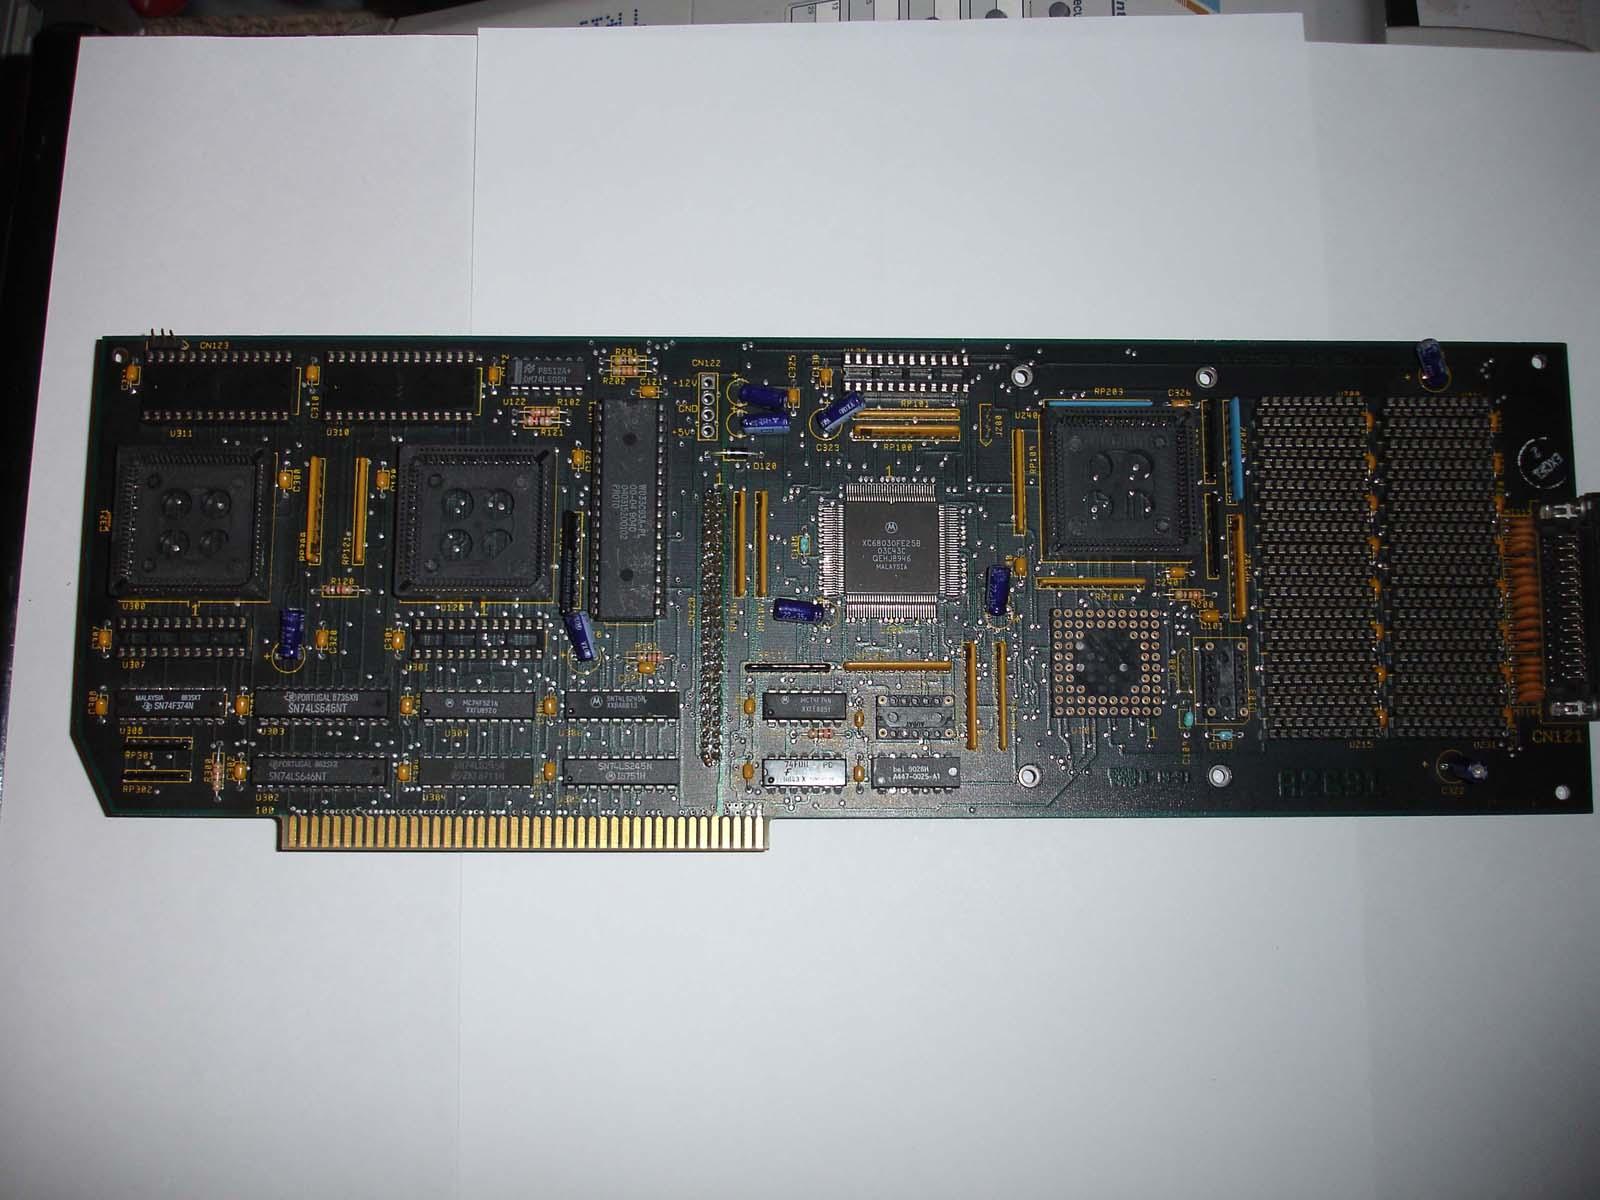 A2631 prototype